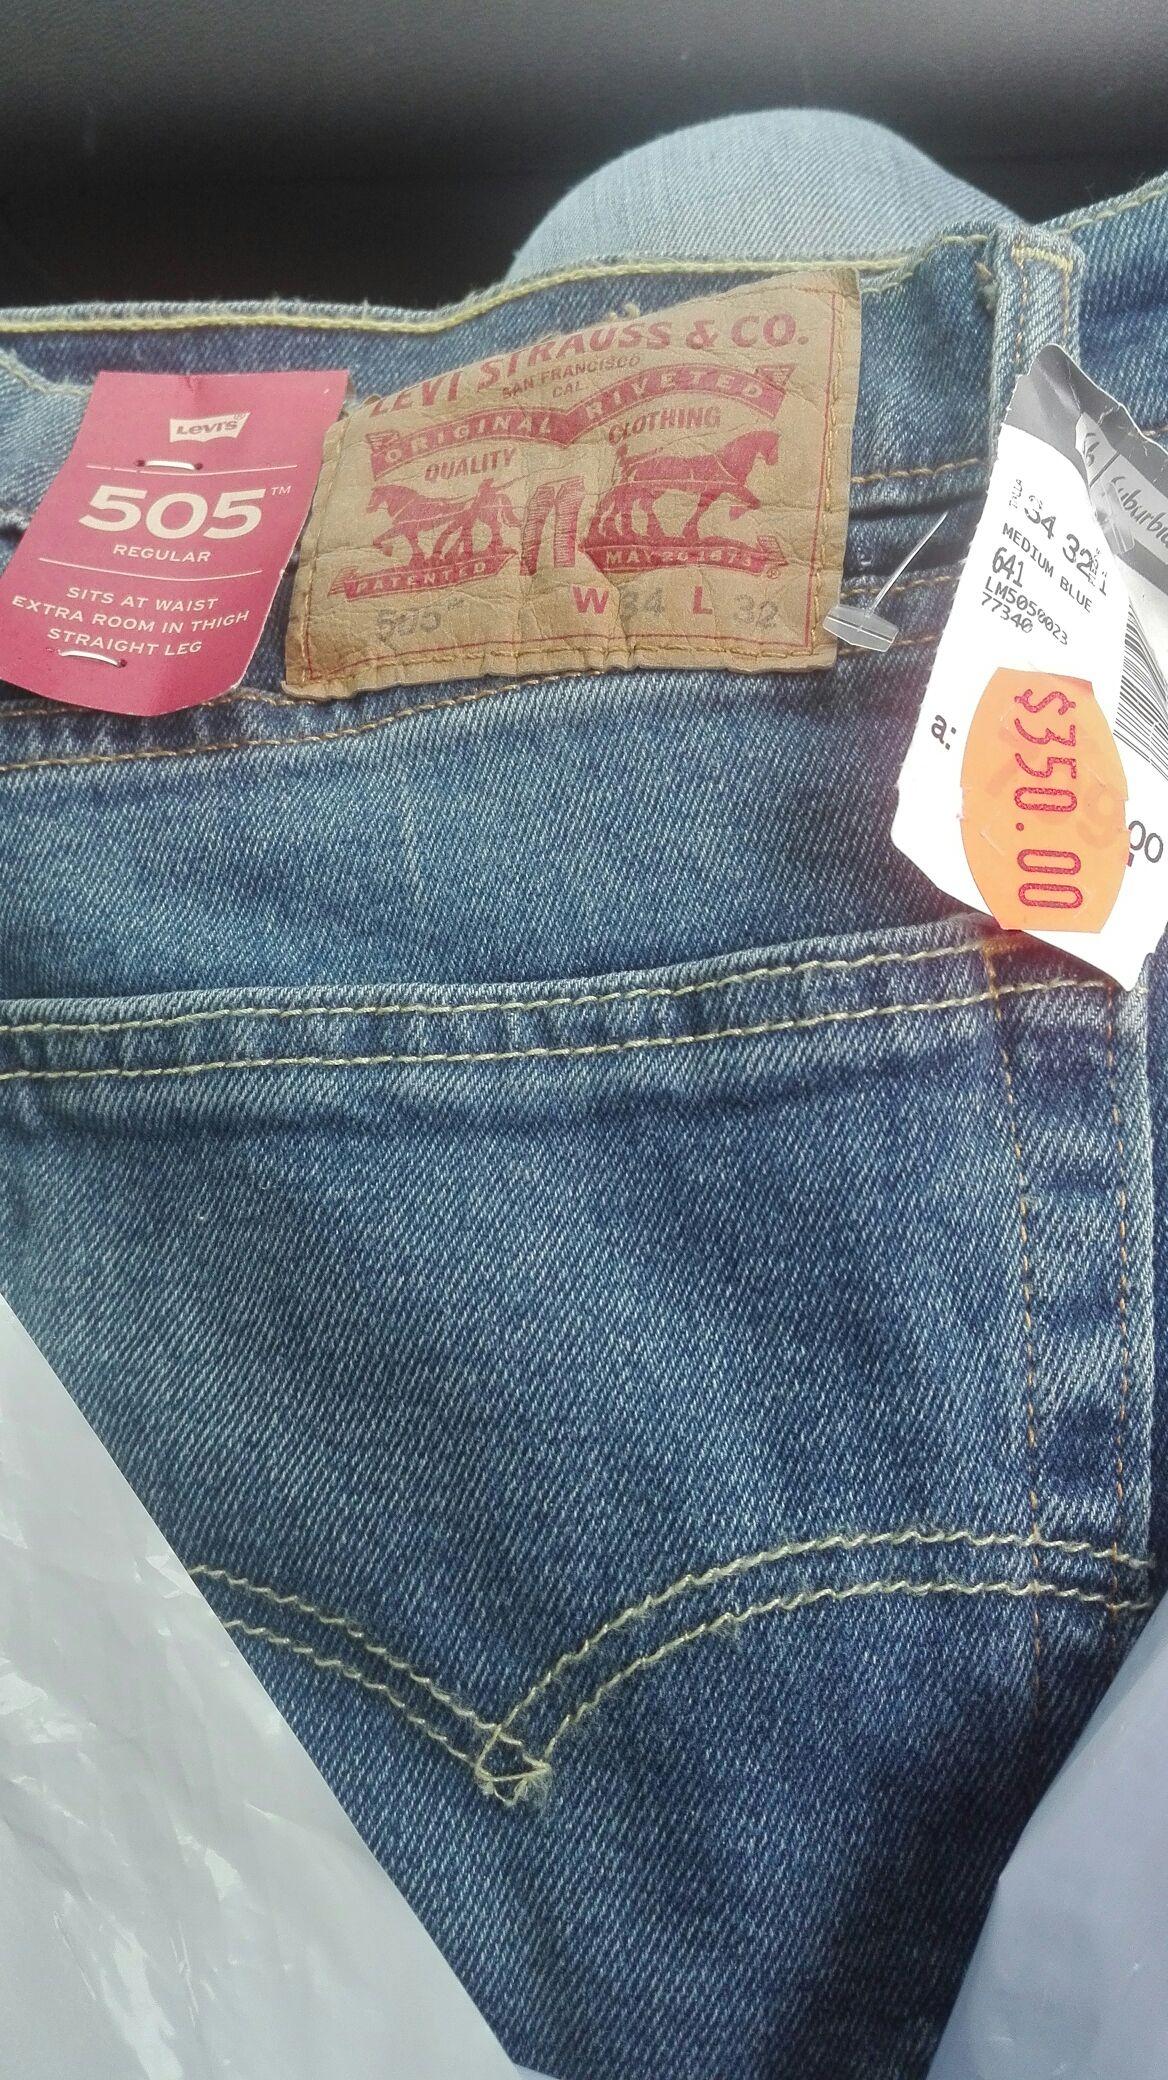 Suburbia Universidad Jeans Levis 505 y varios modelos desde 300